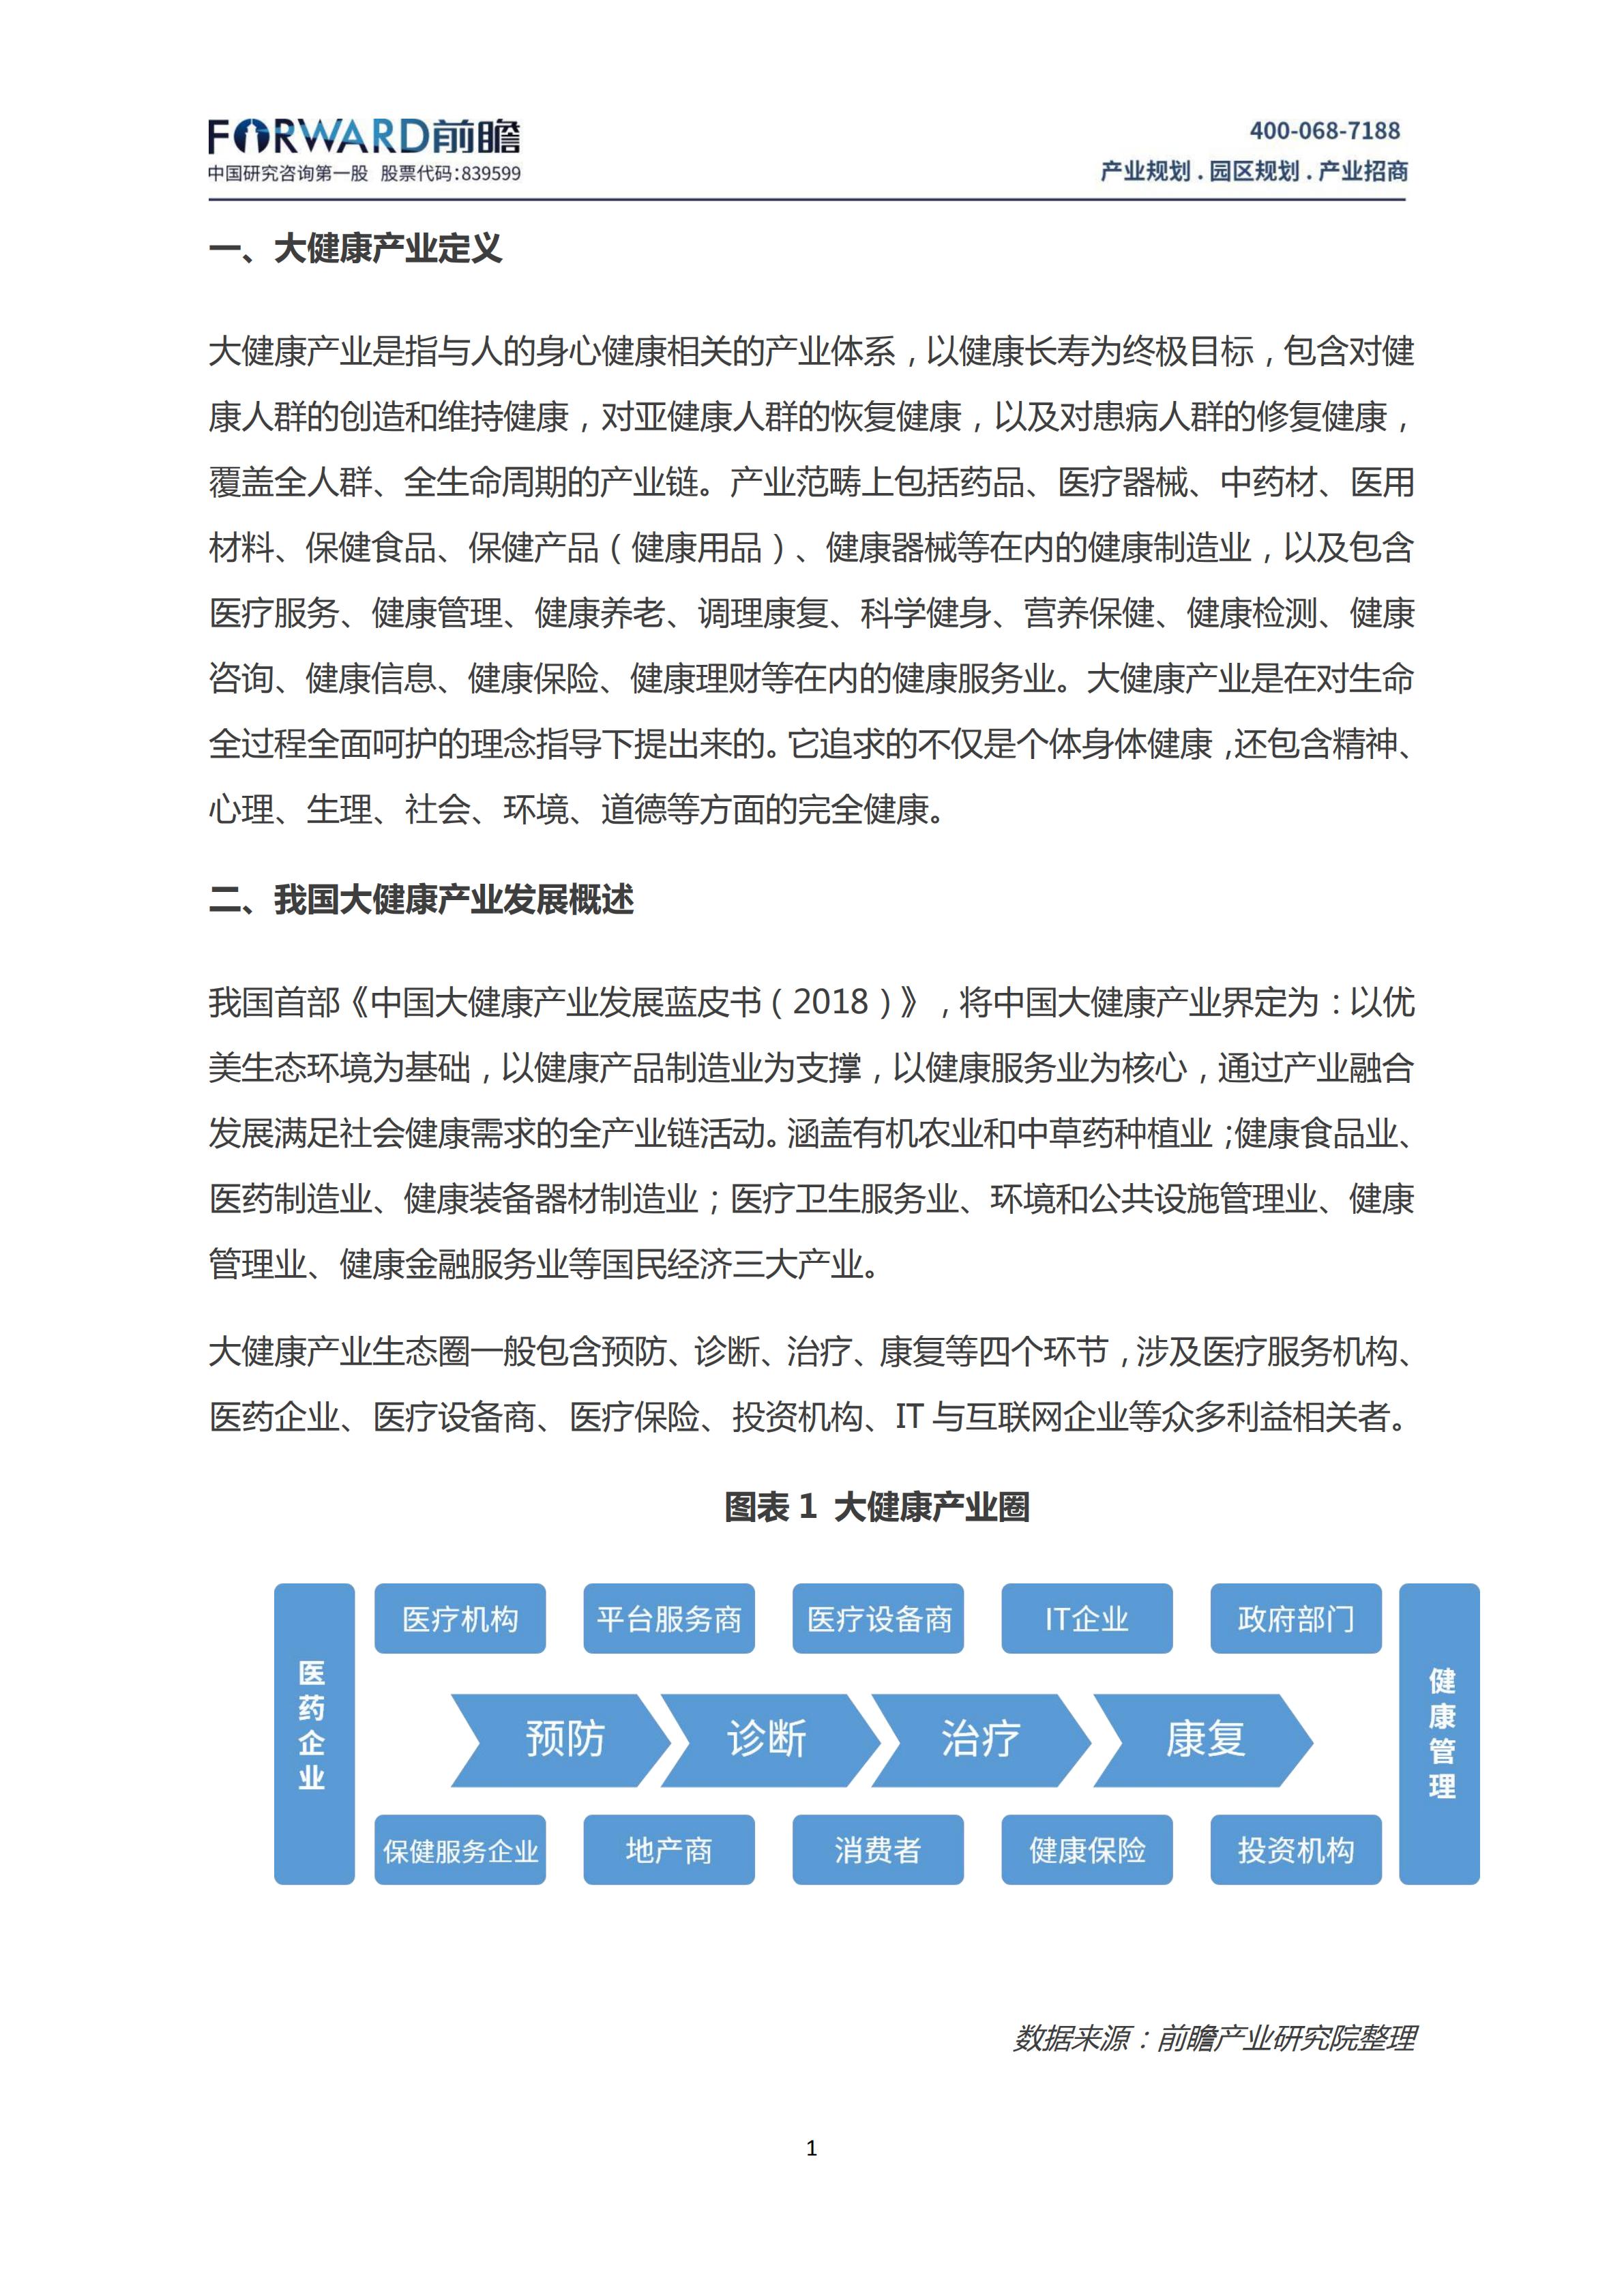 中国大健康产业发展现状及趋势分析_02.png